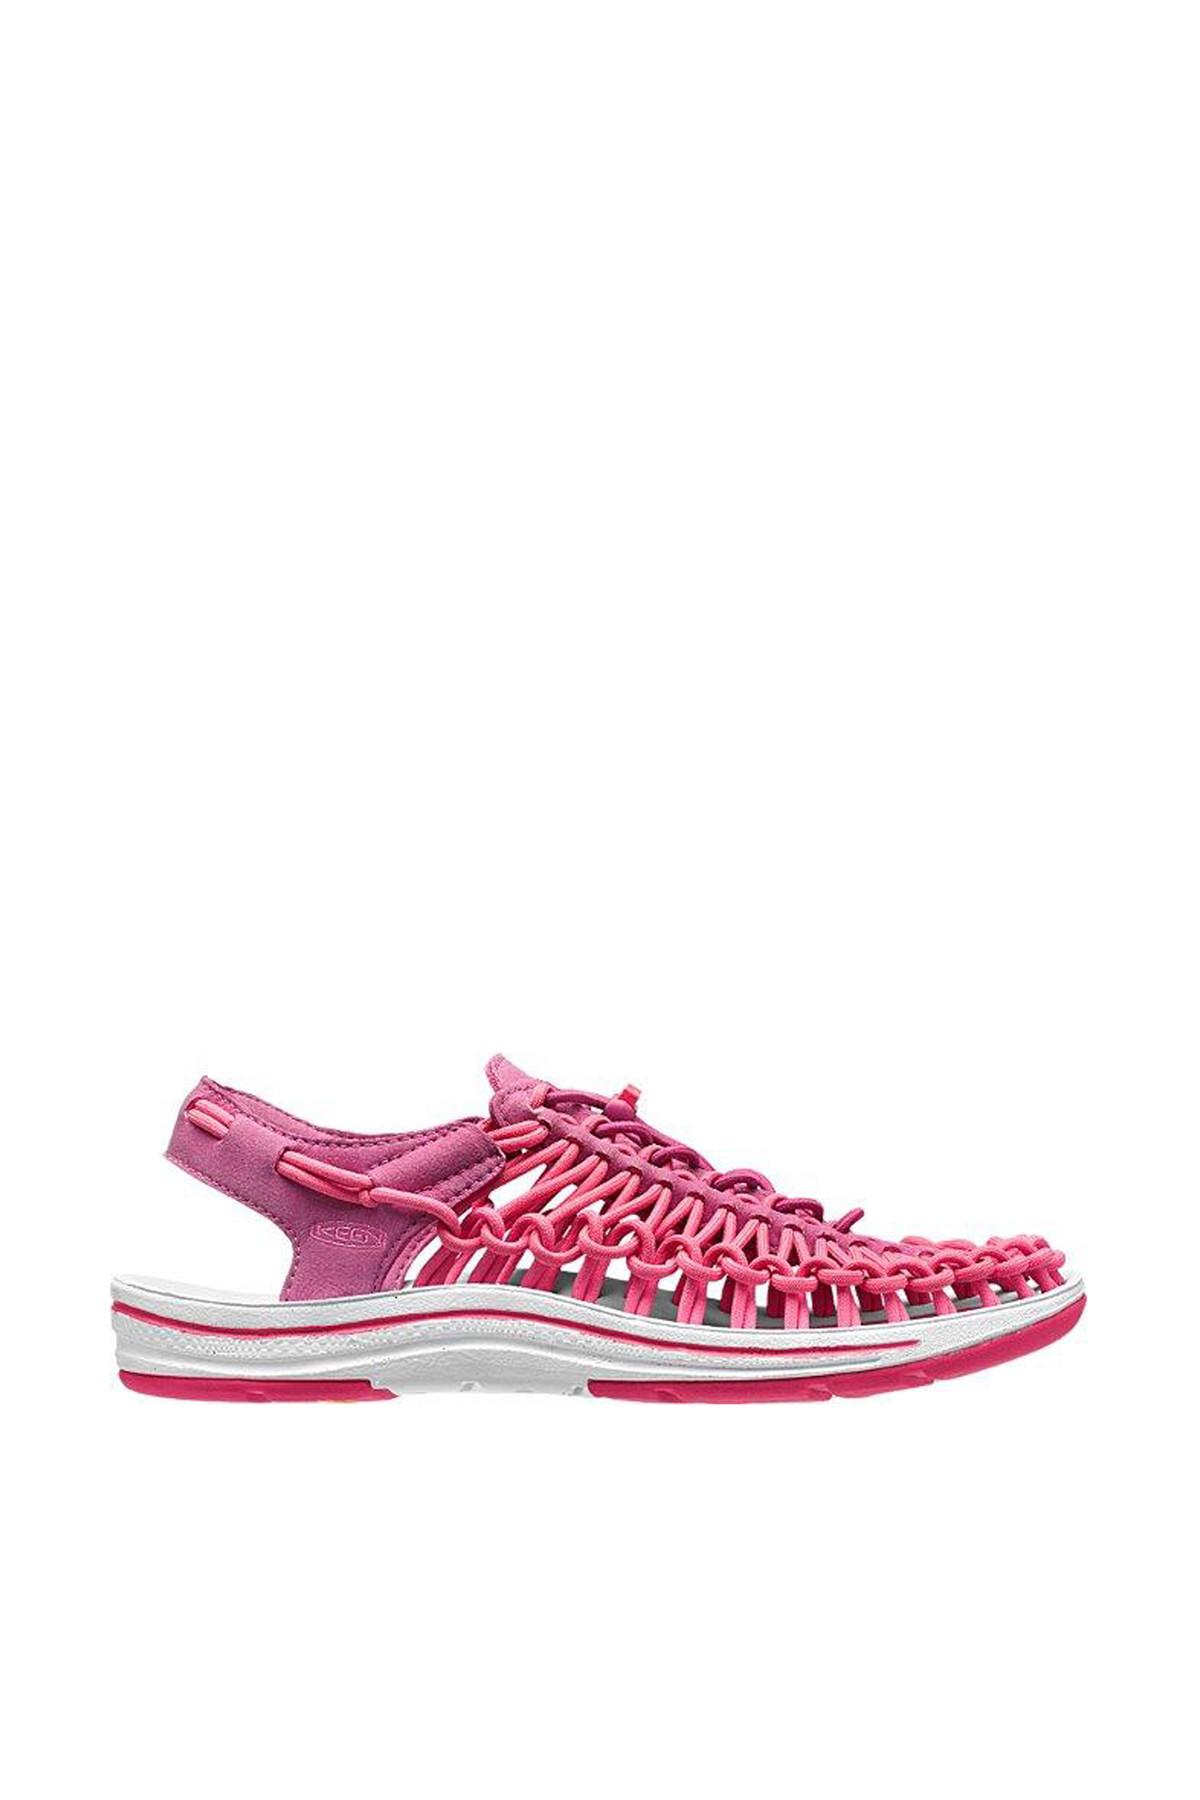 Keen Kadın Sandalet - Pembe - 1013094 1